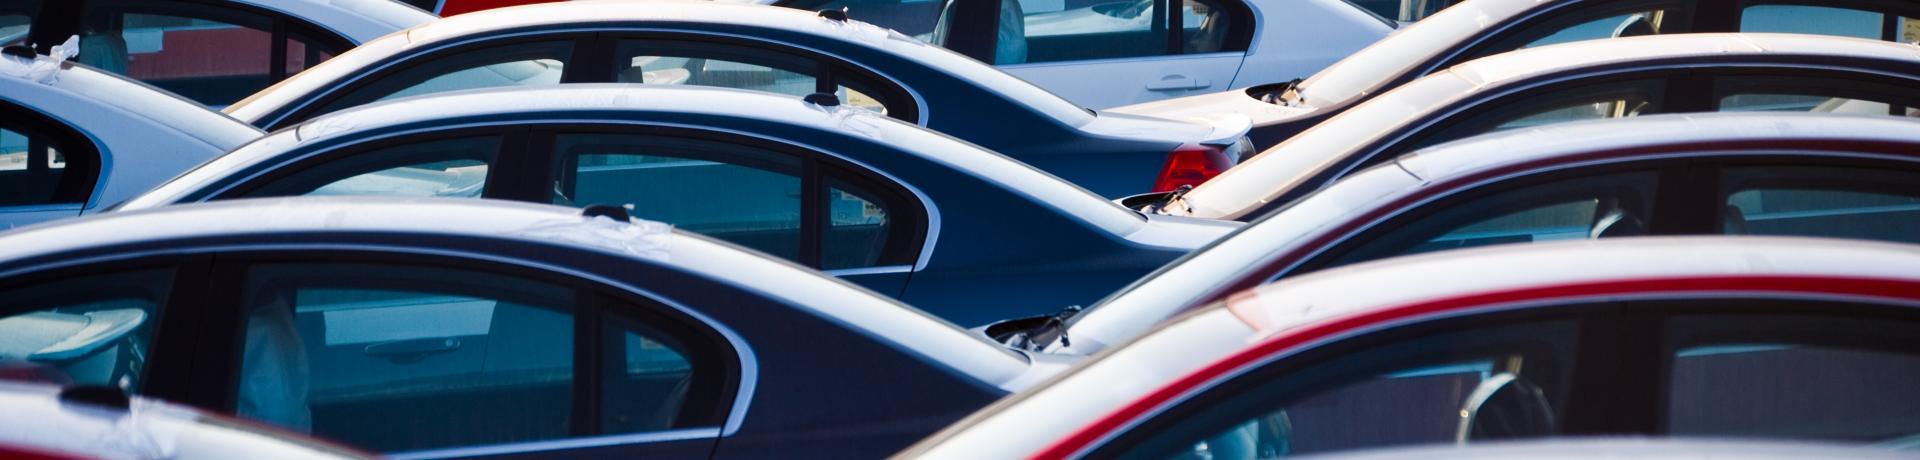 Autos+Parken+GI-159208281.jpg